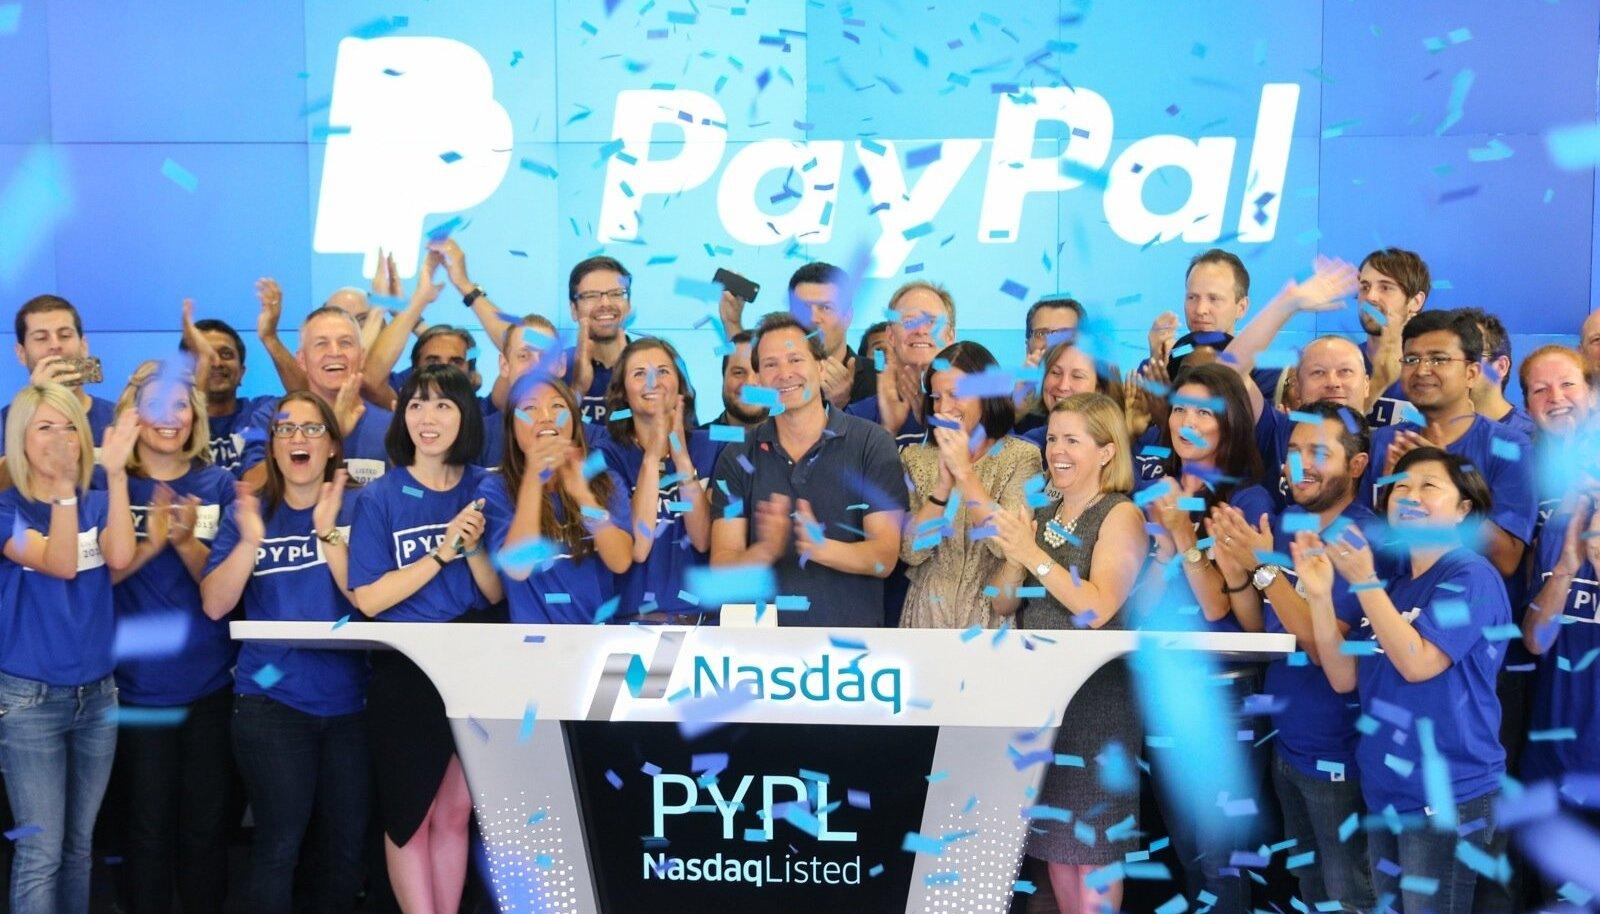 PayPali töötajad ja ettevõtte juht Dan Schulman (keskel) võivad rõõmustada.